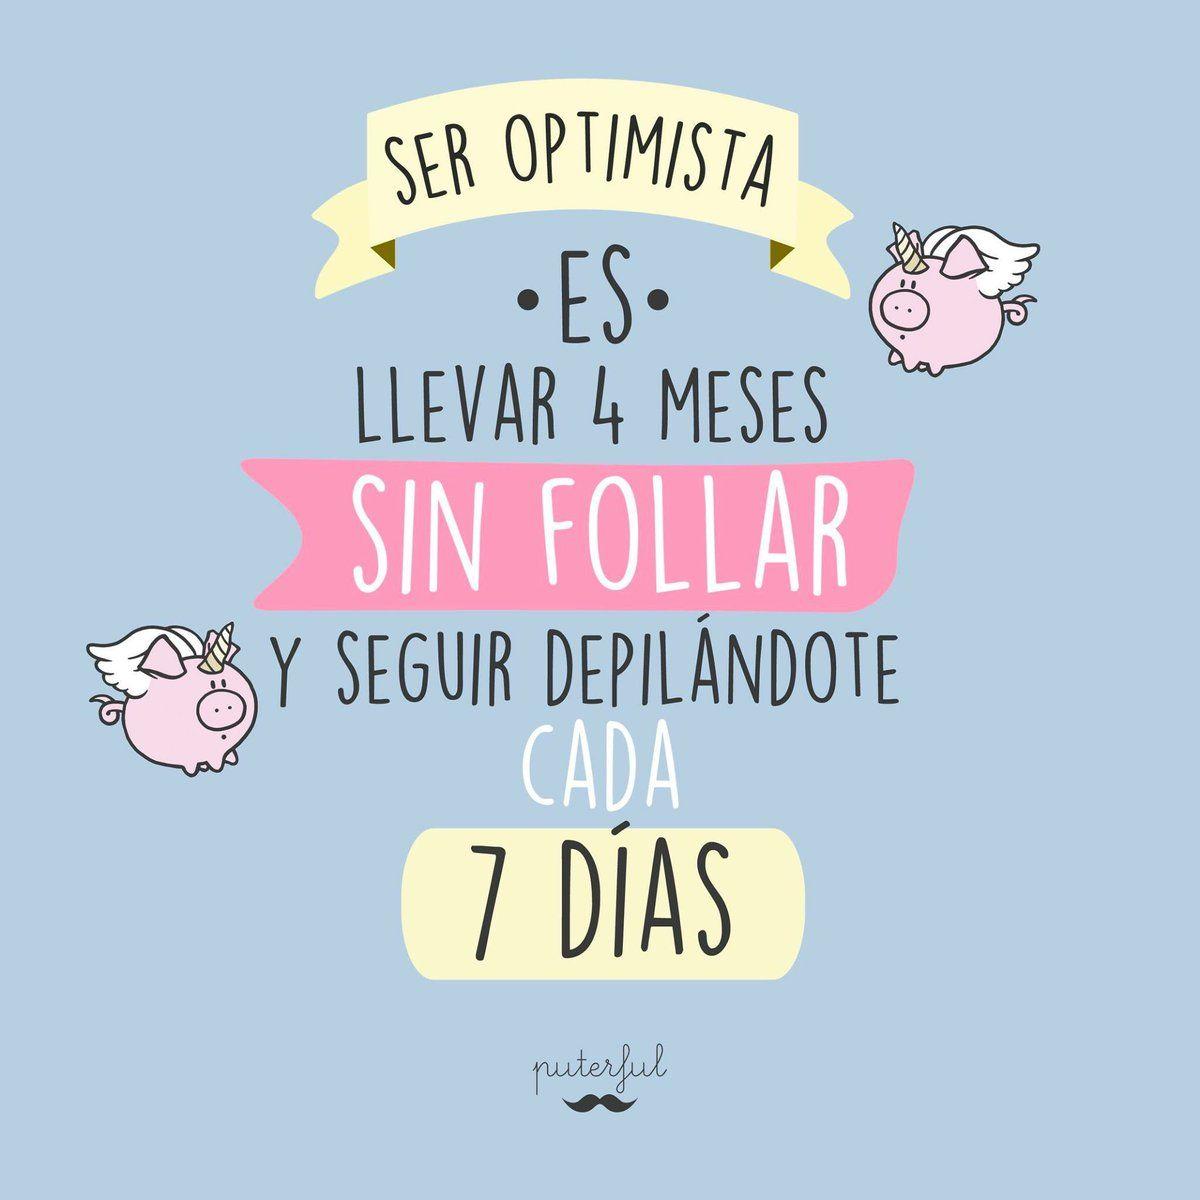 Optimista!!!